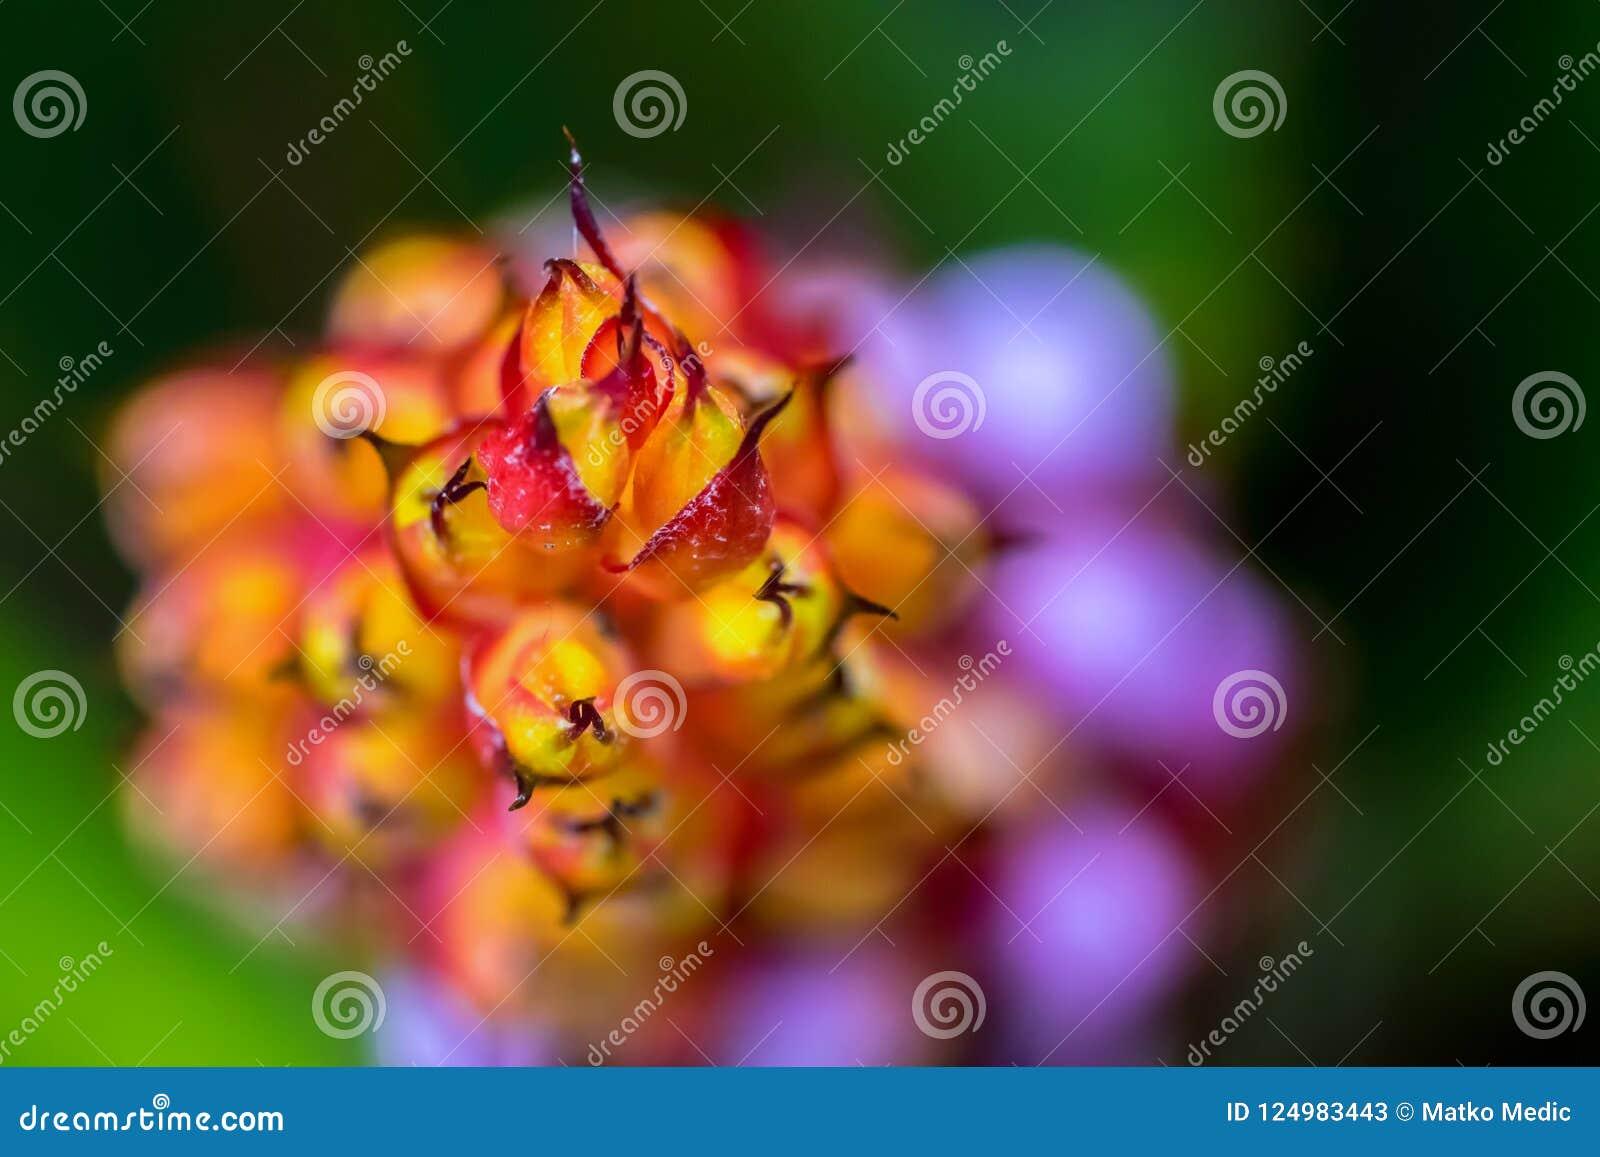 Abstrakcjonistyczna makro- fotografia pomarańcze, purpury i menchie, kwitniemy